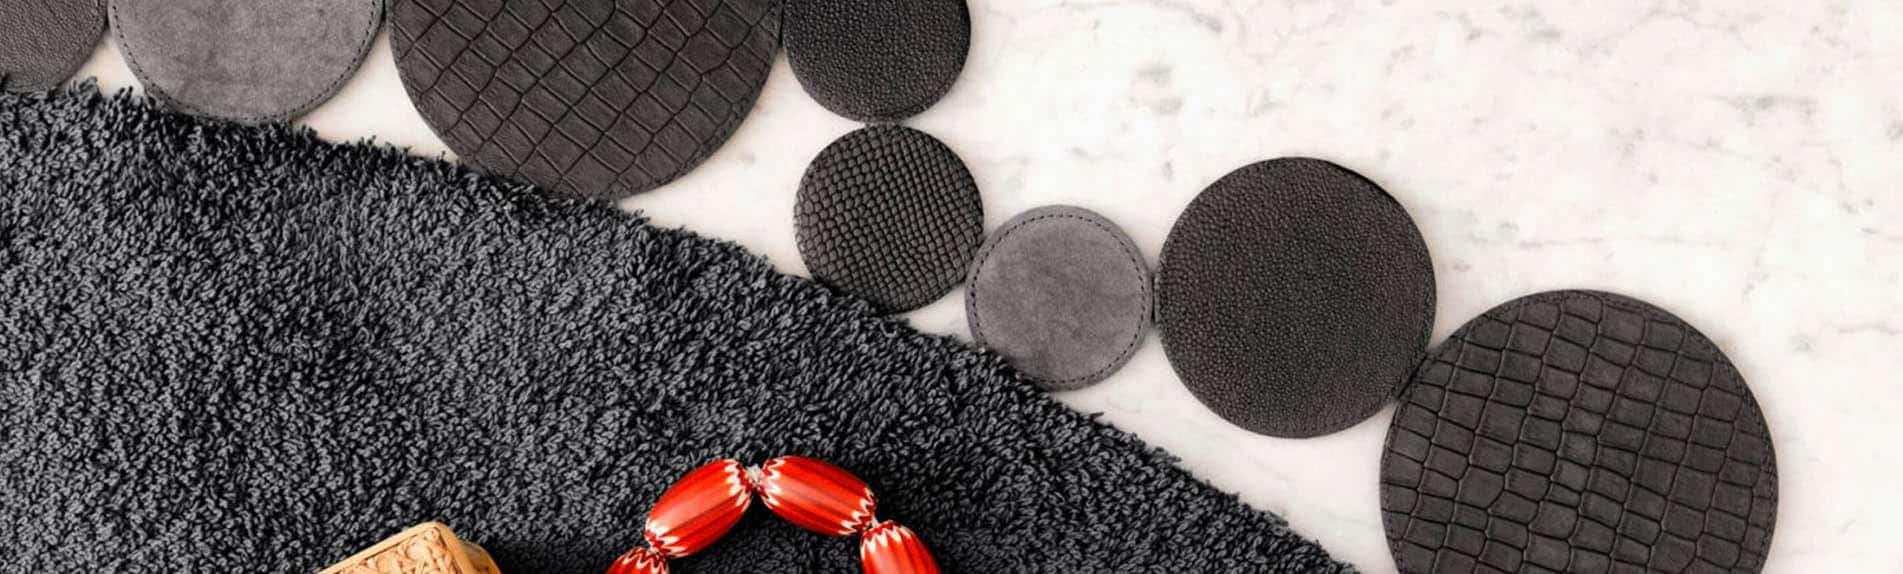 SLIDER Floor Jewels Flaunt - rond vloerkleed - antraciet grijs - een design vloerkleed door Roelfien Vos en Van Besouw - boho chic - woontrends 2021 - interieur trend 2021